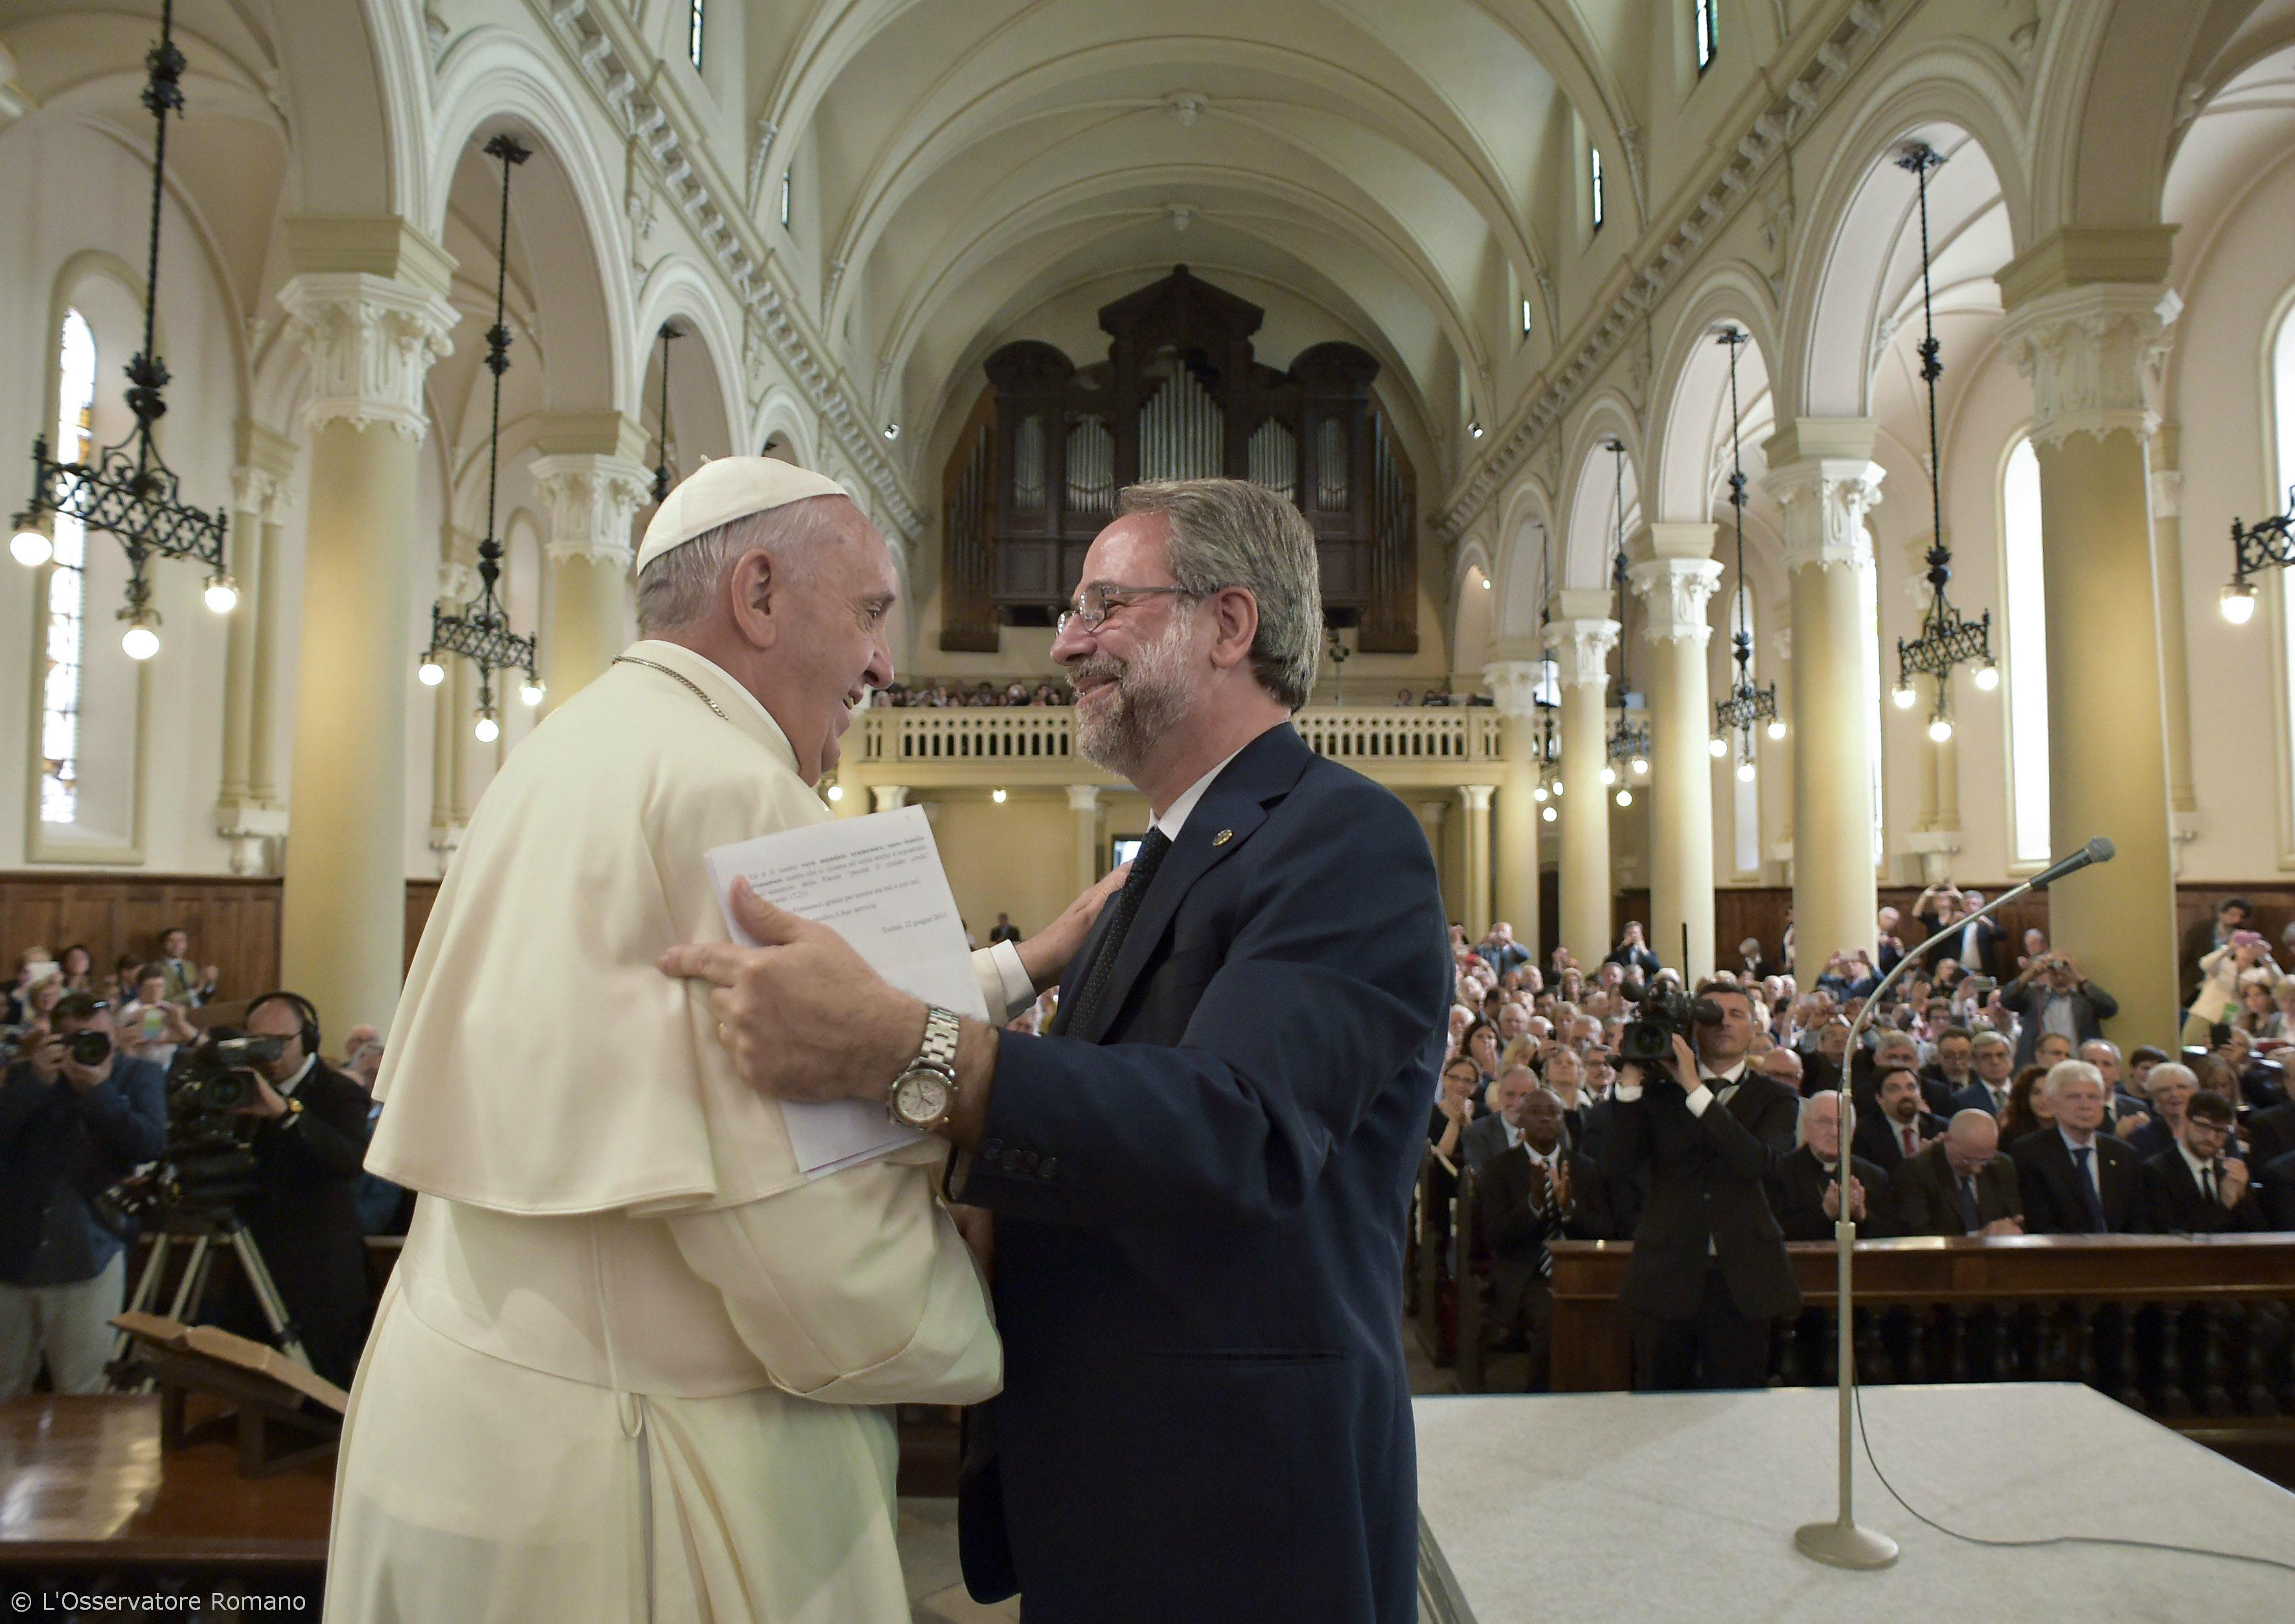 Pope Francis and Eugenio Bernardini